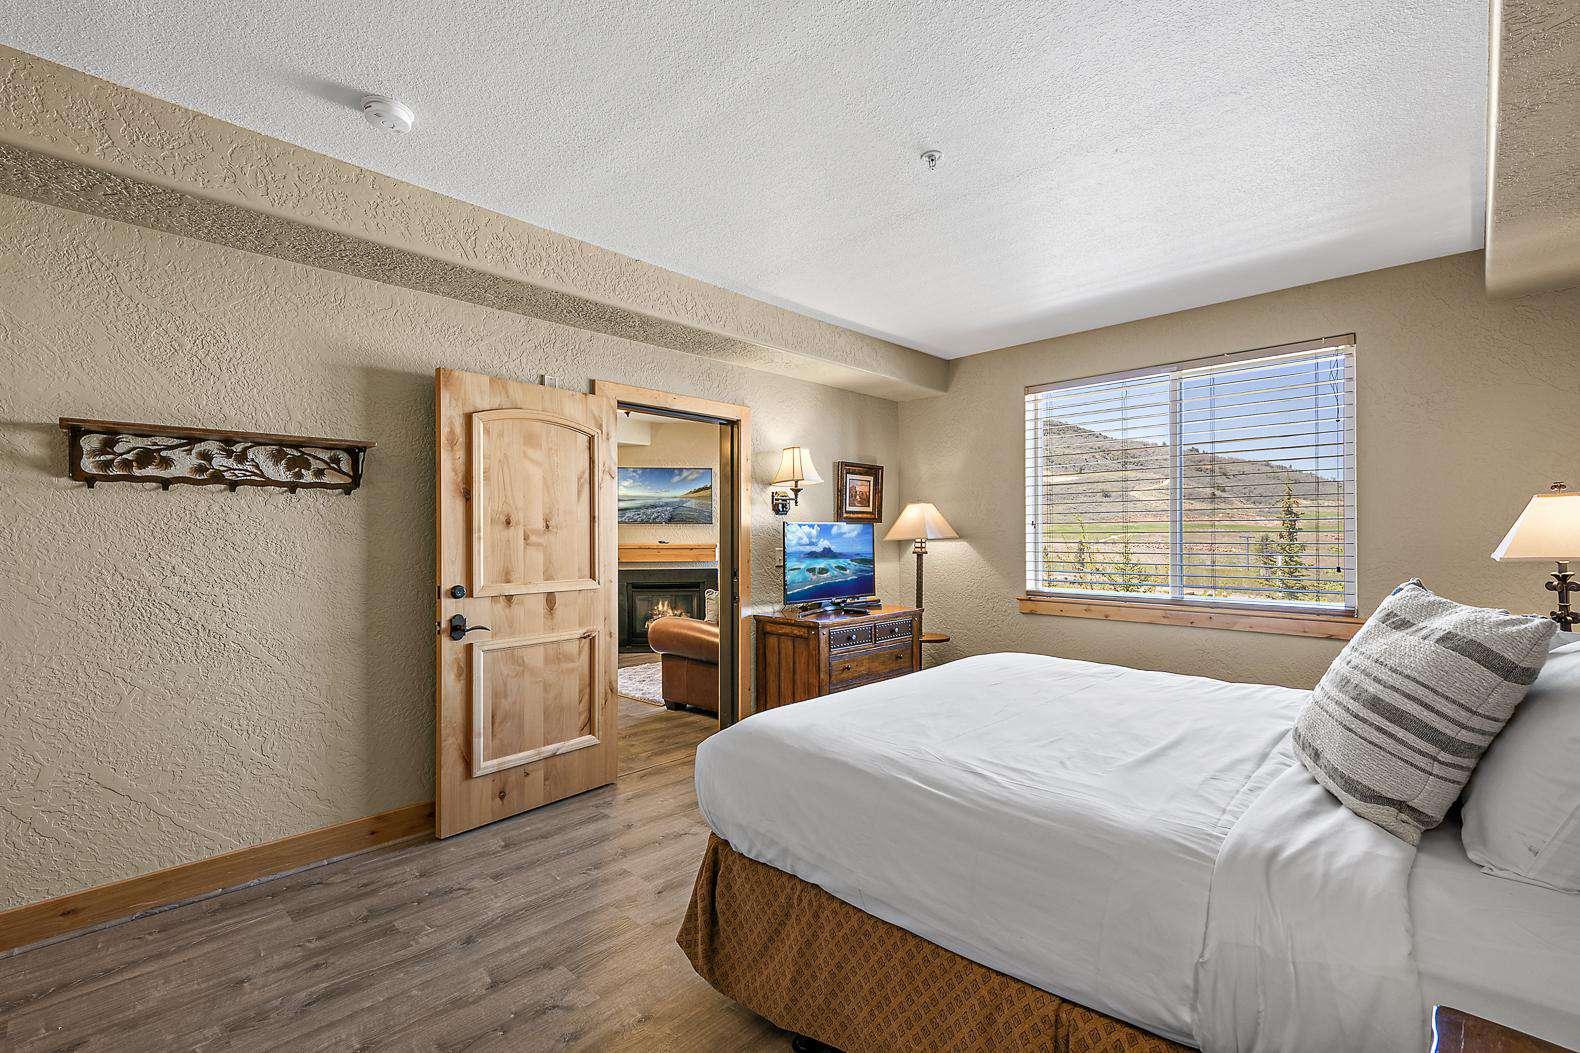 Open bedroom with open private door looking into living room